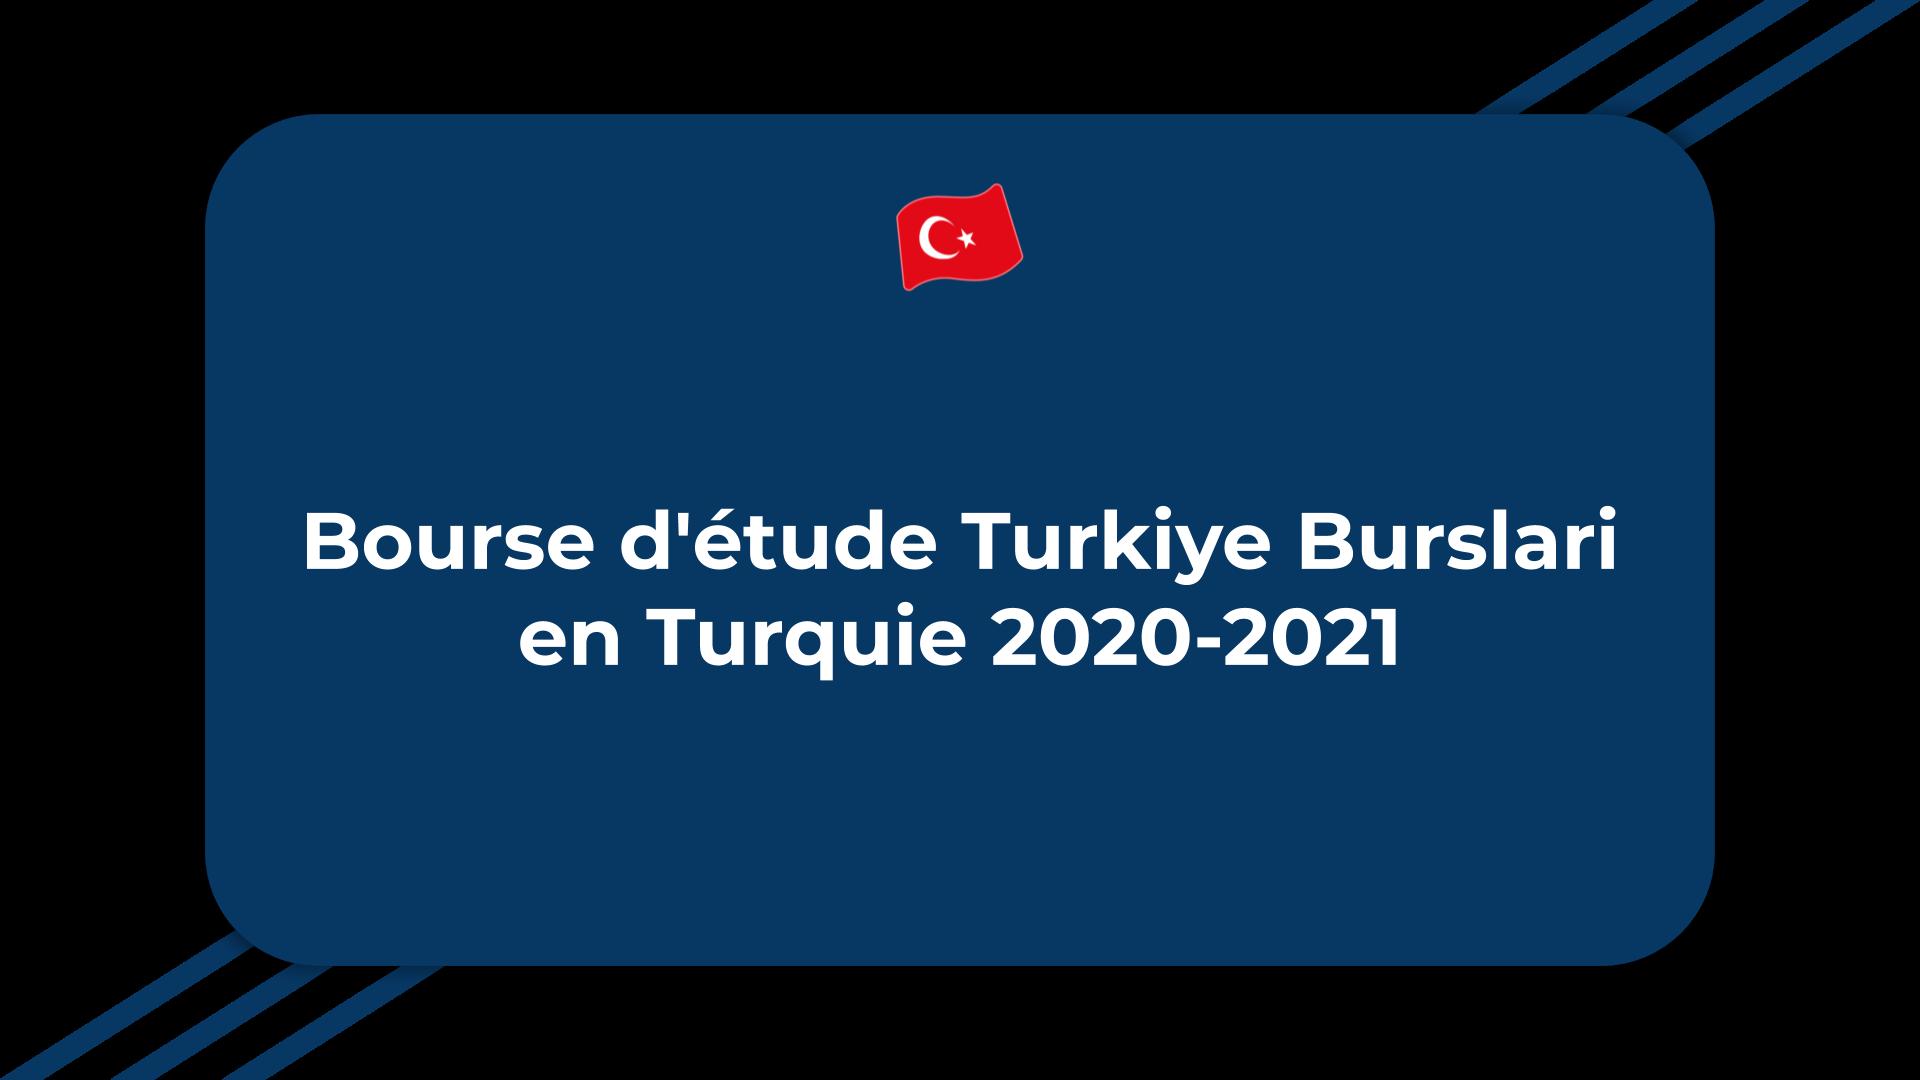 Bourse d'étude Turkiye Burslari